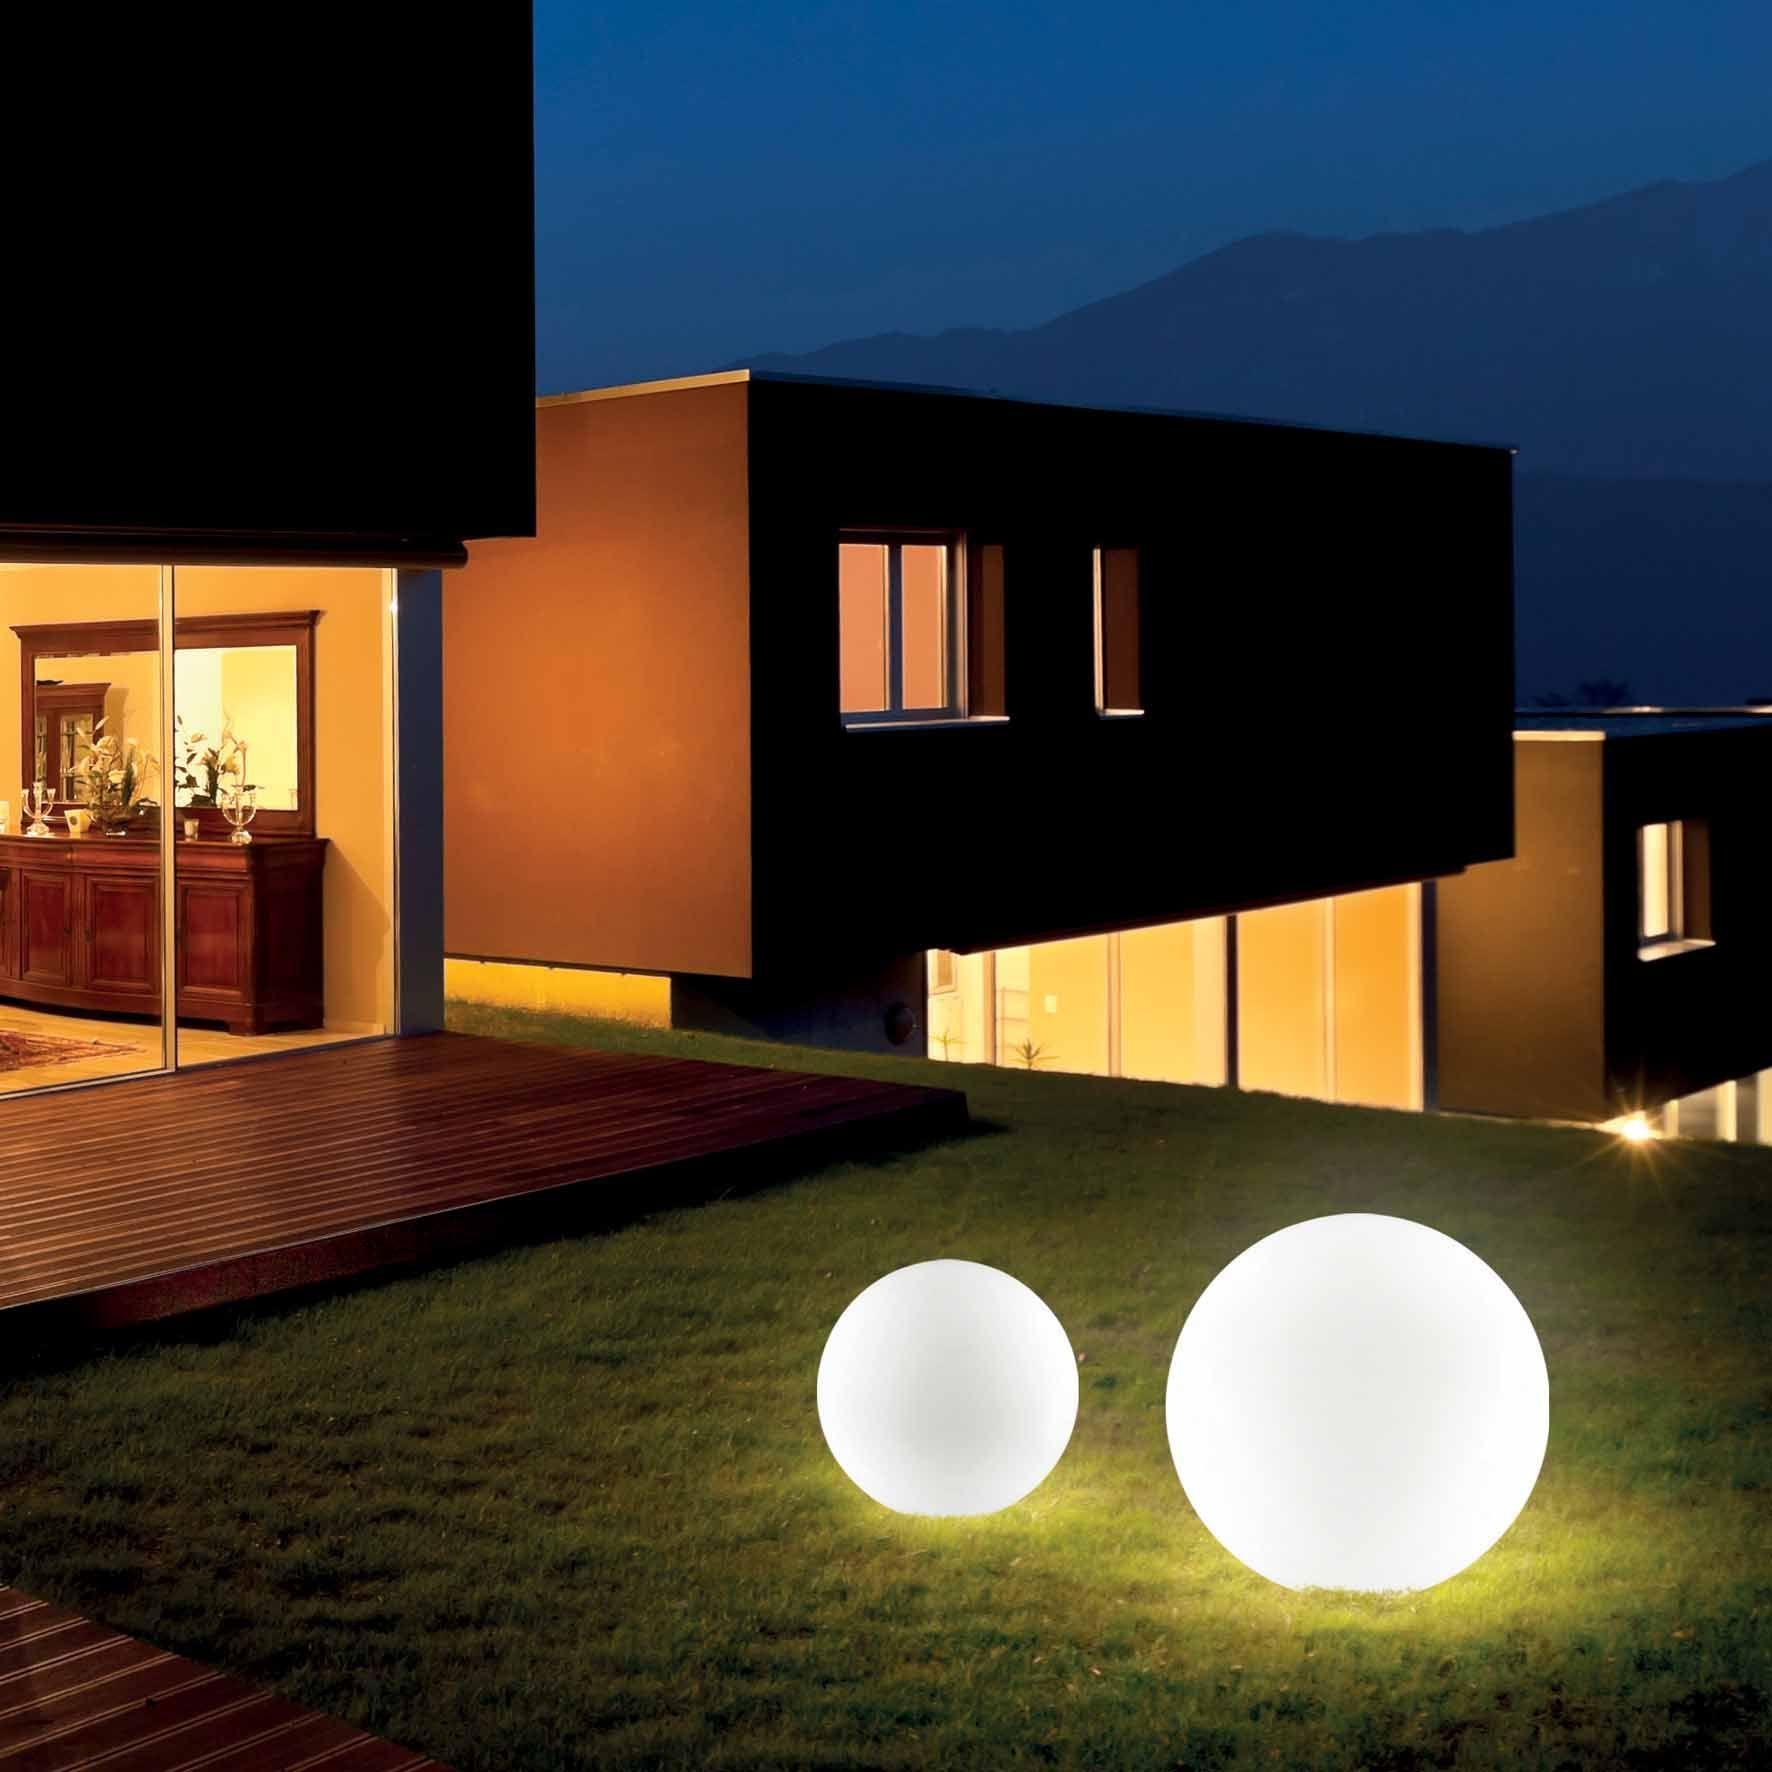 Sole lampada per esterno Ideal Lux sole ideallux